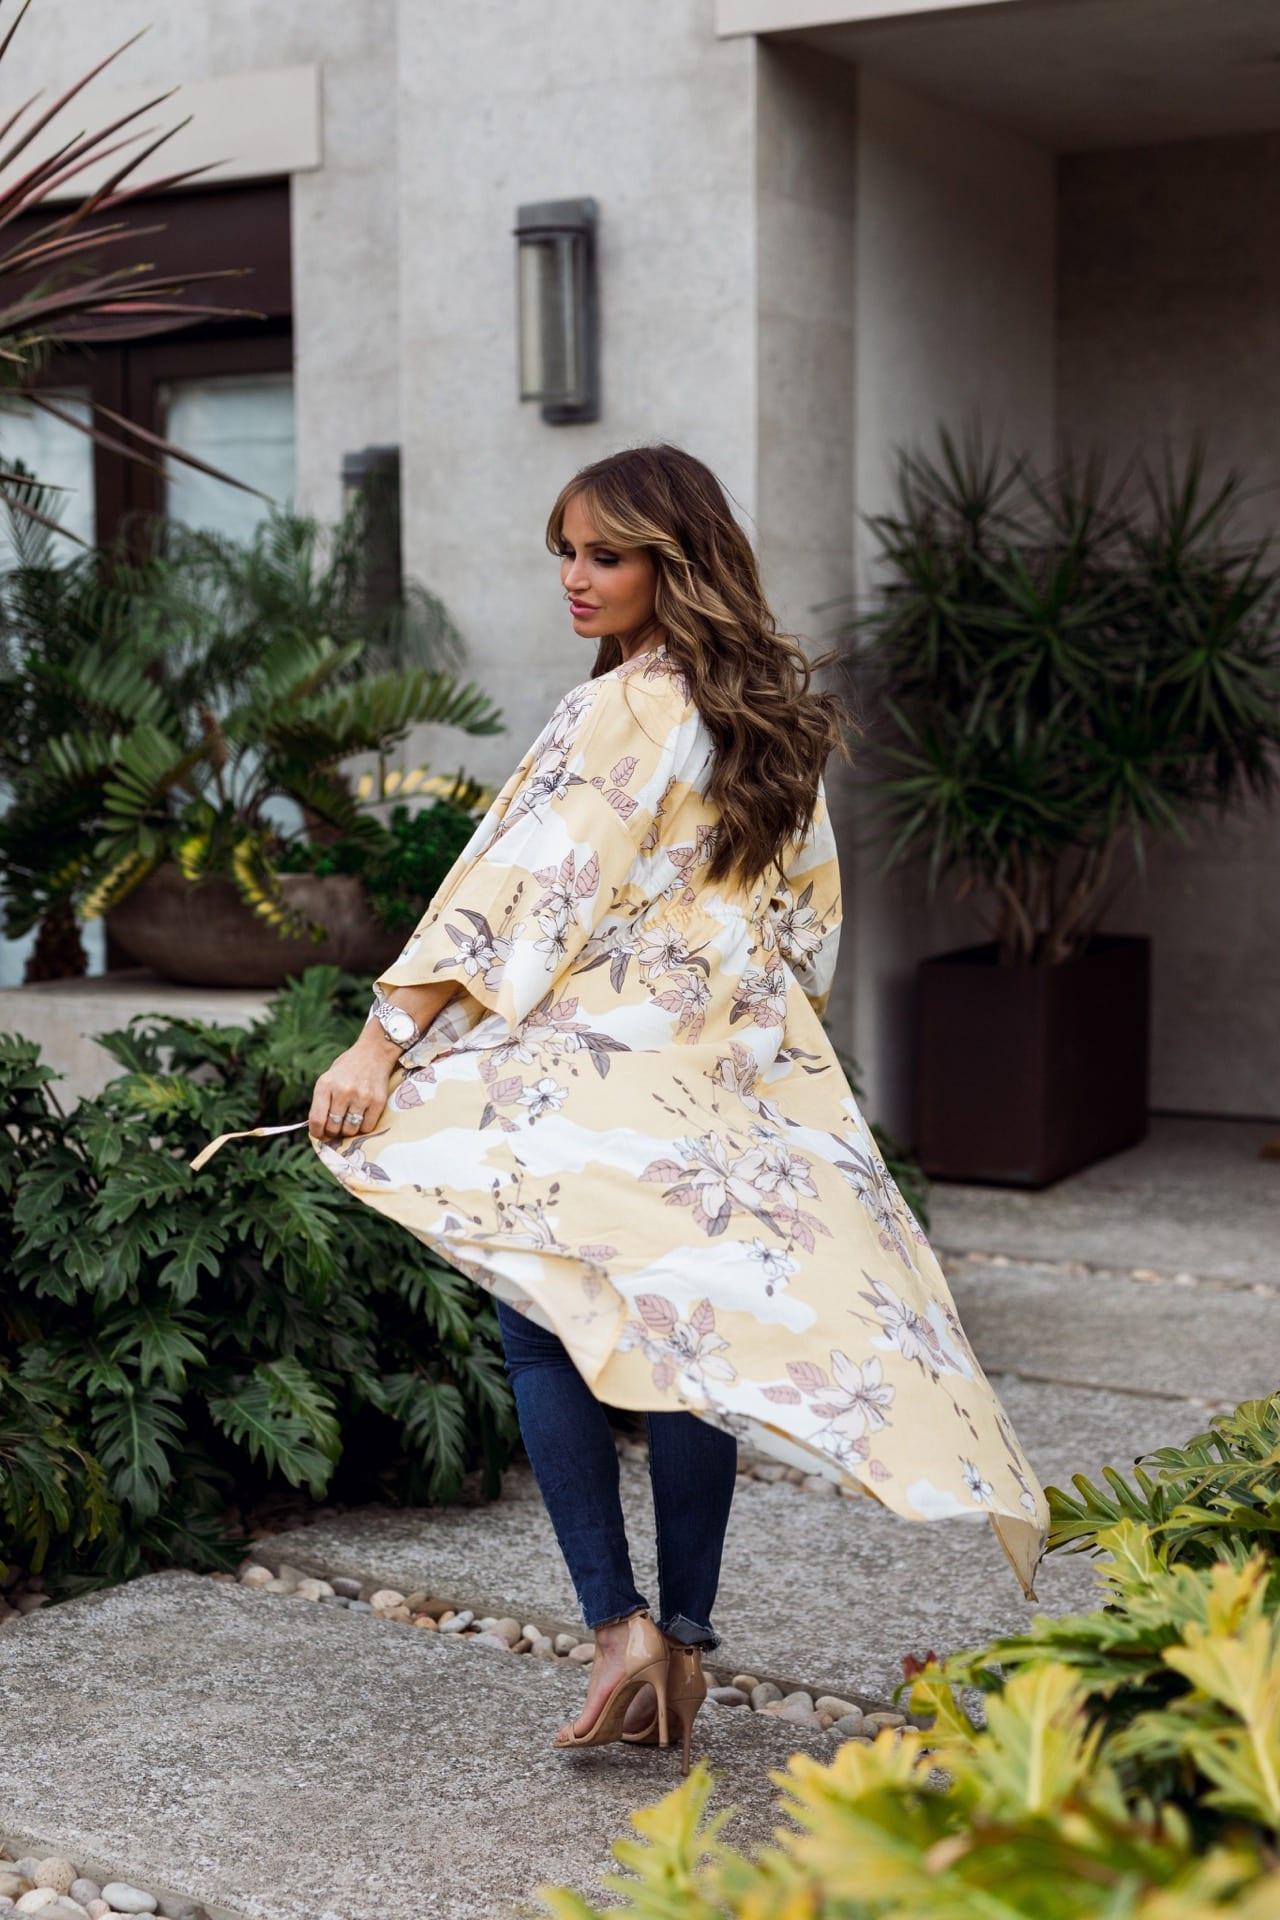 #DKW-Fashion - Kimono Style